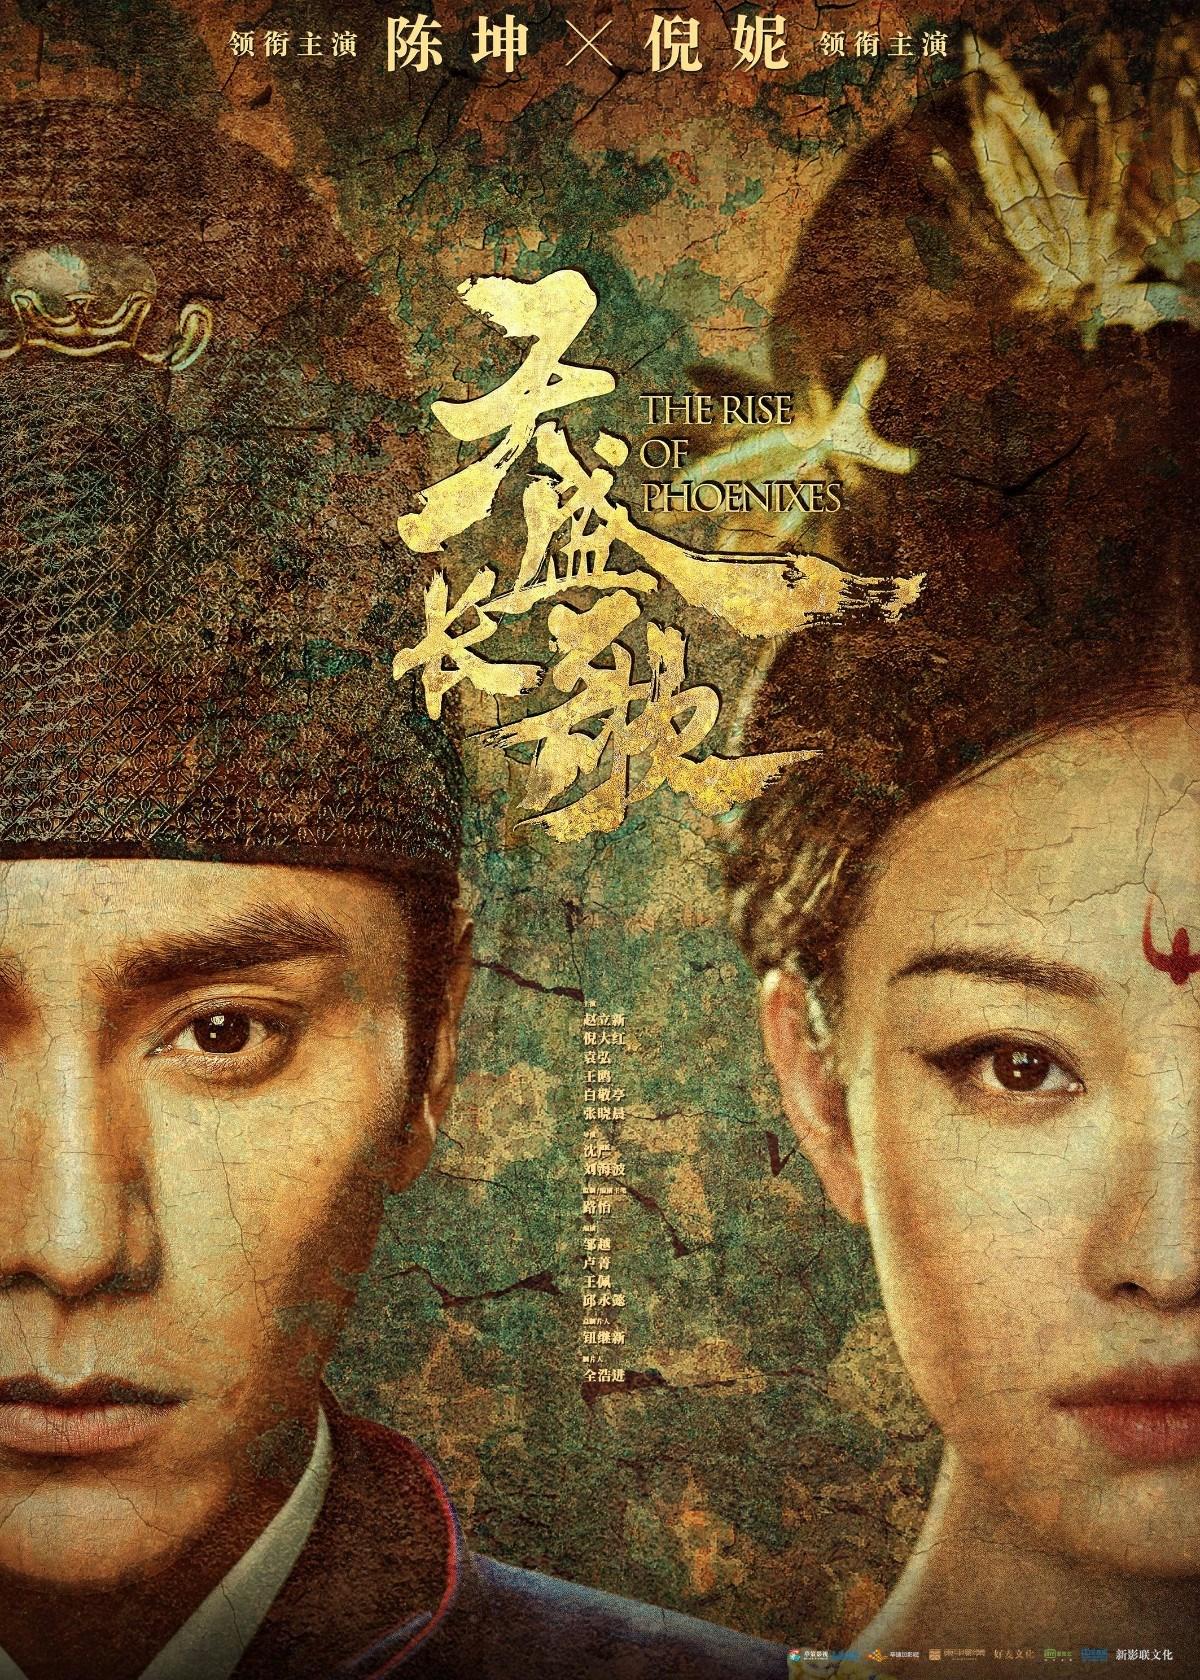 the-rise-of-phoenixes-huang-quan-yi-tian